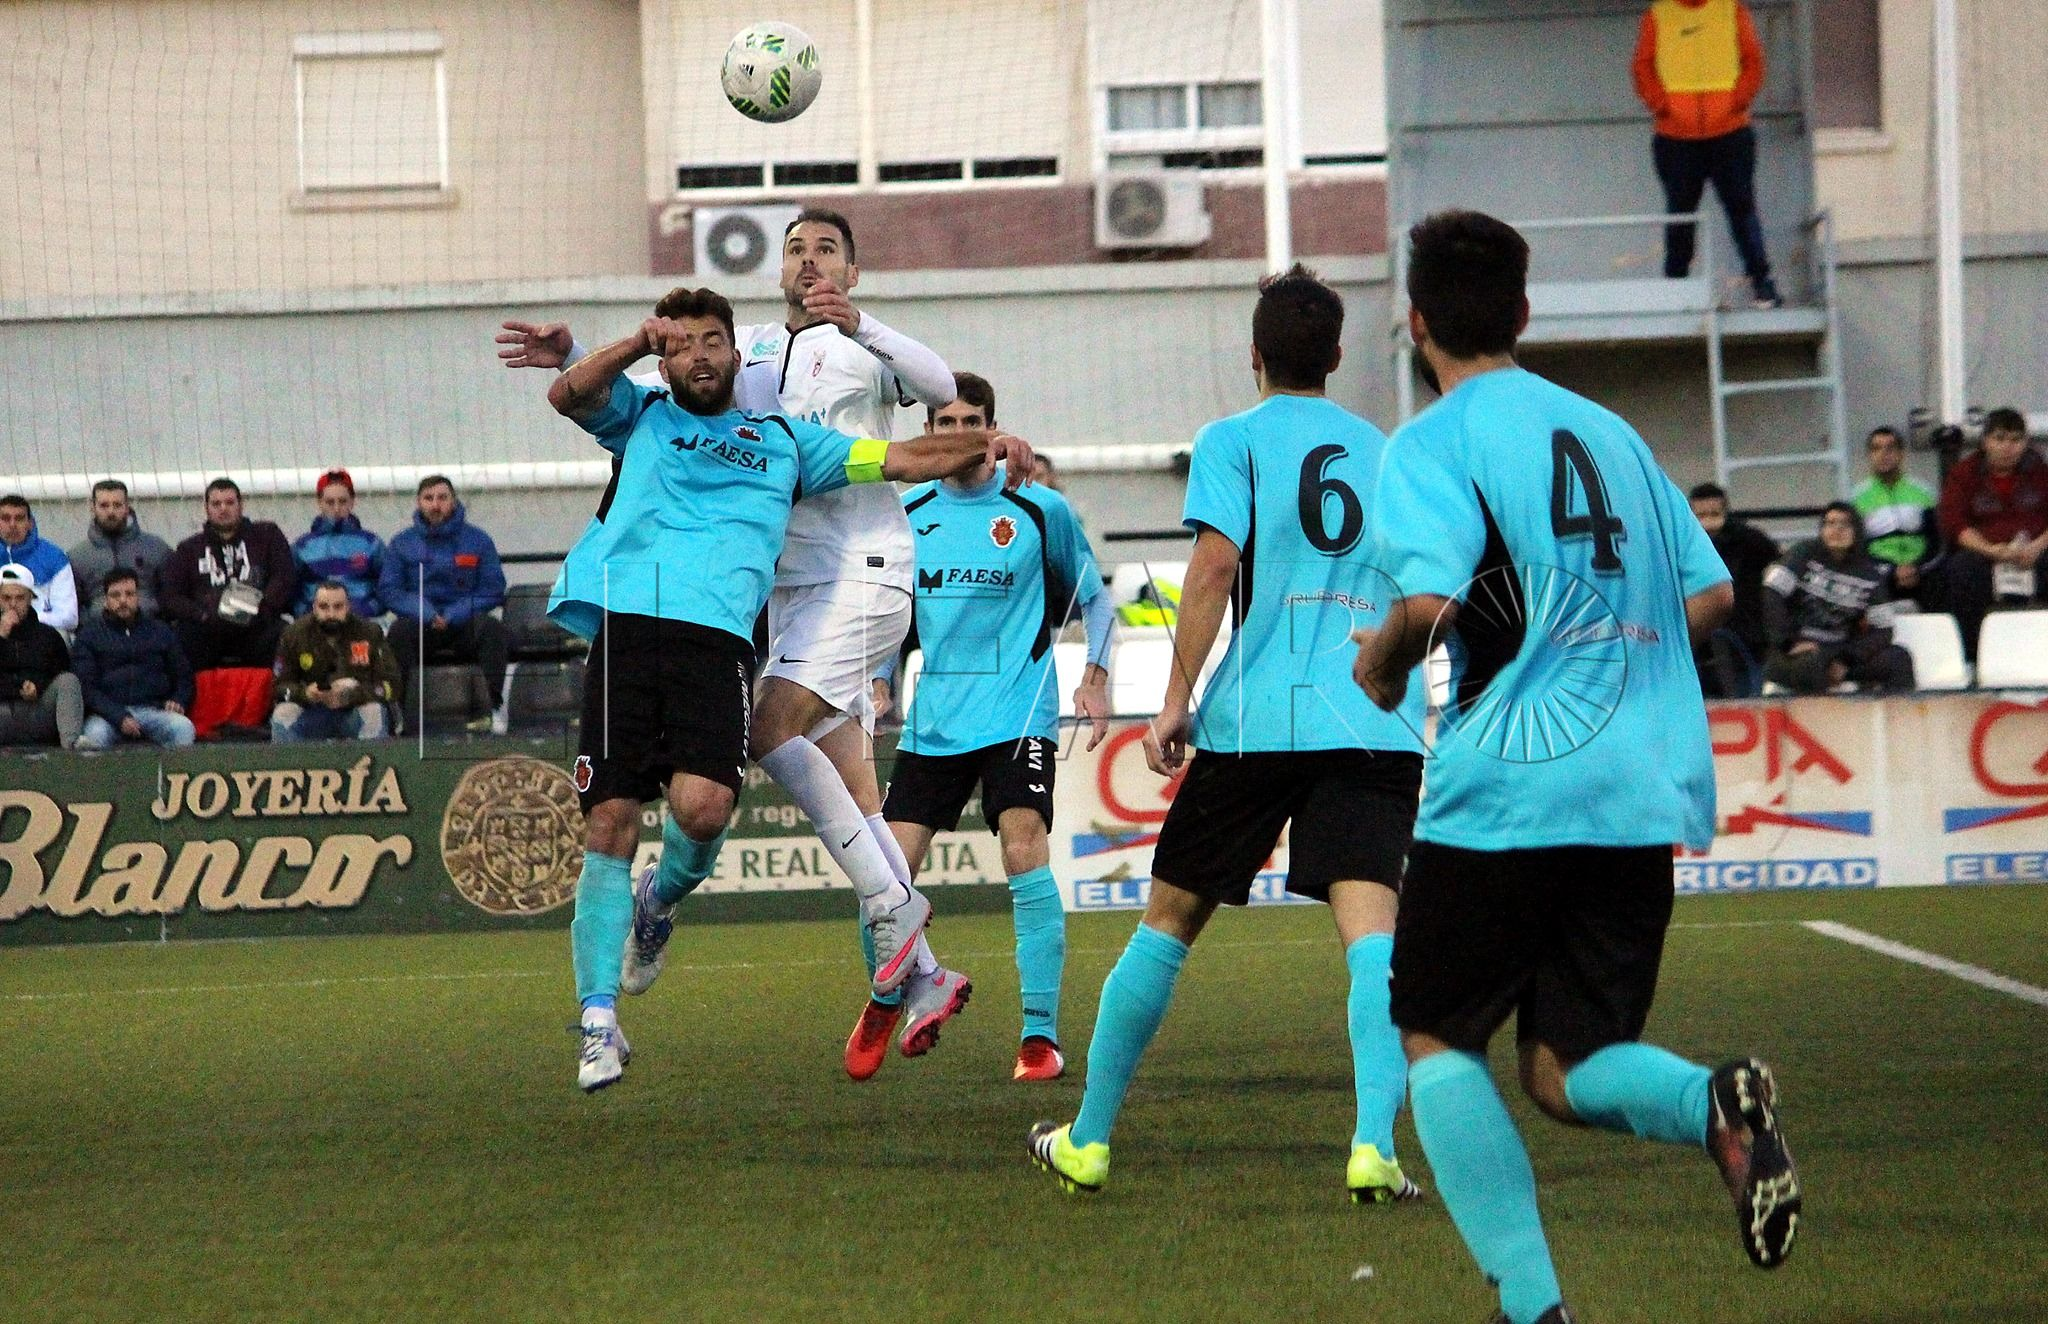 El duelo entreCastilleja y Ceuta se podrá seguir en directo